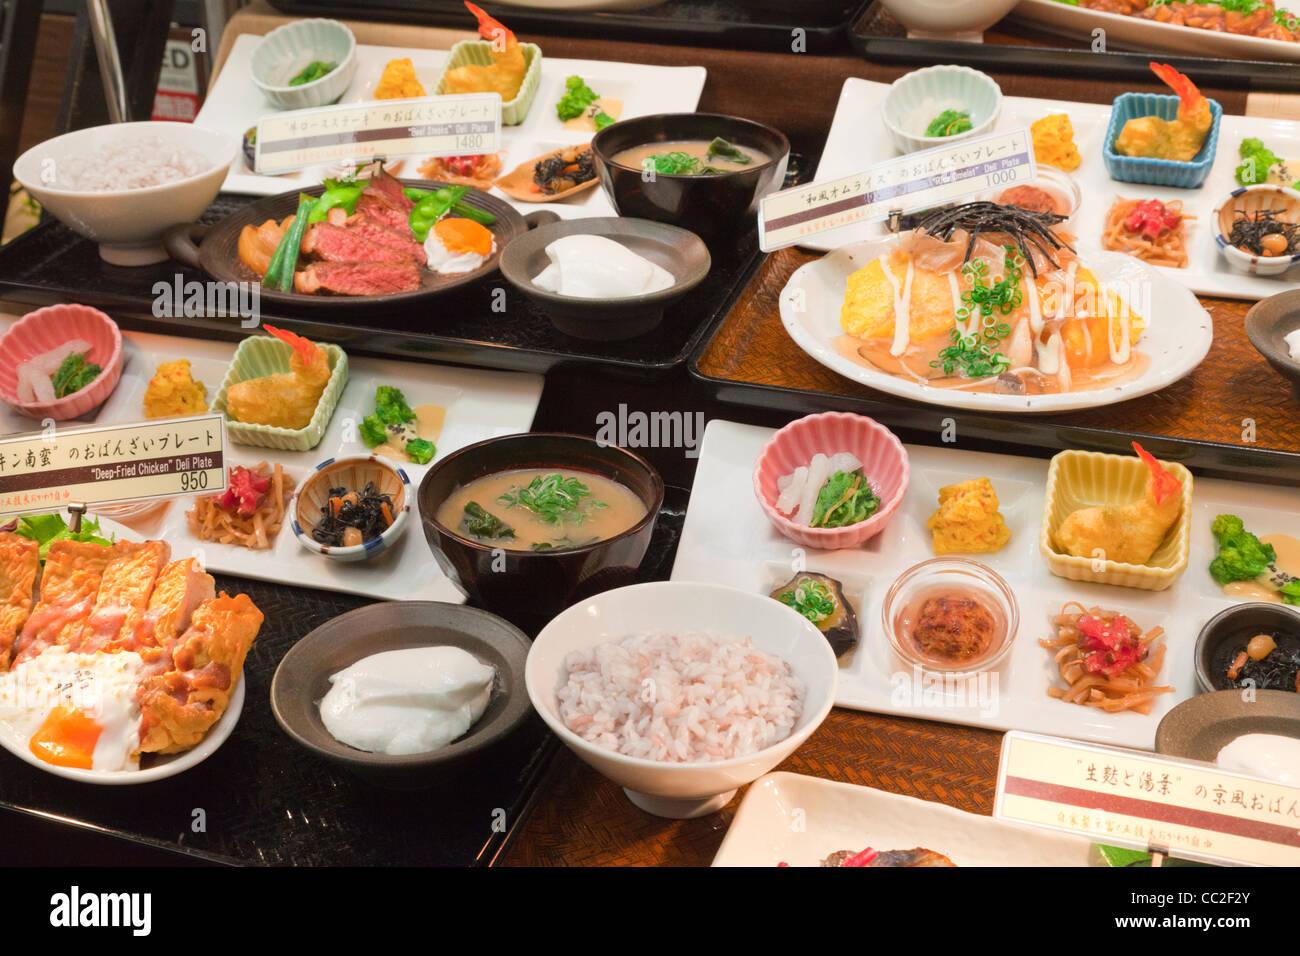 Réplique ou le plastique de la nourriture, à l'extérieur d'un restaurant au Japon. Photo Stock